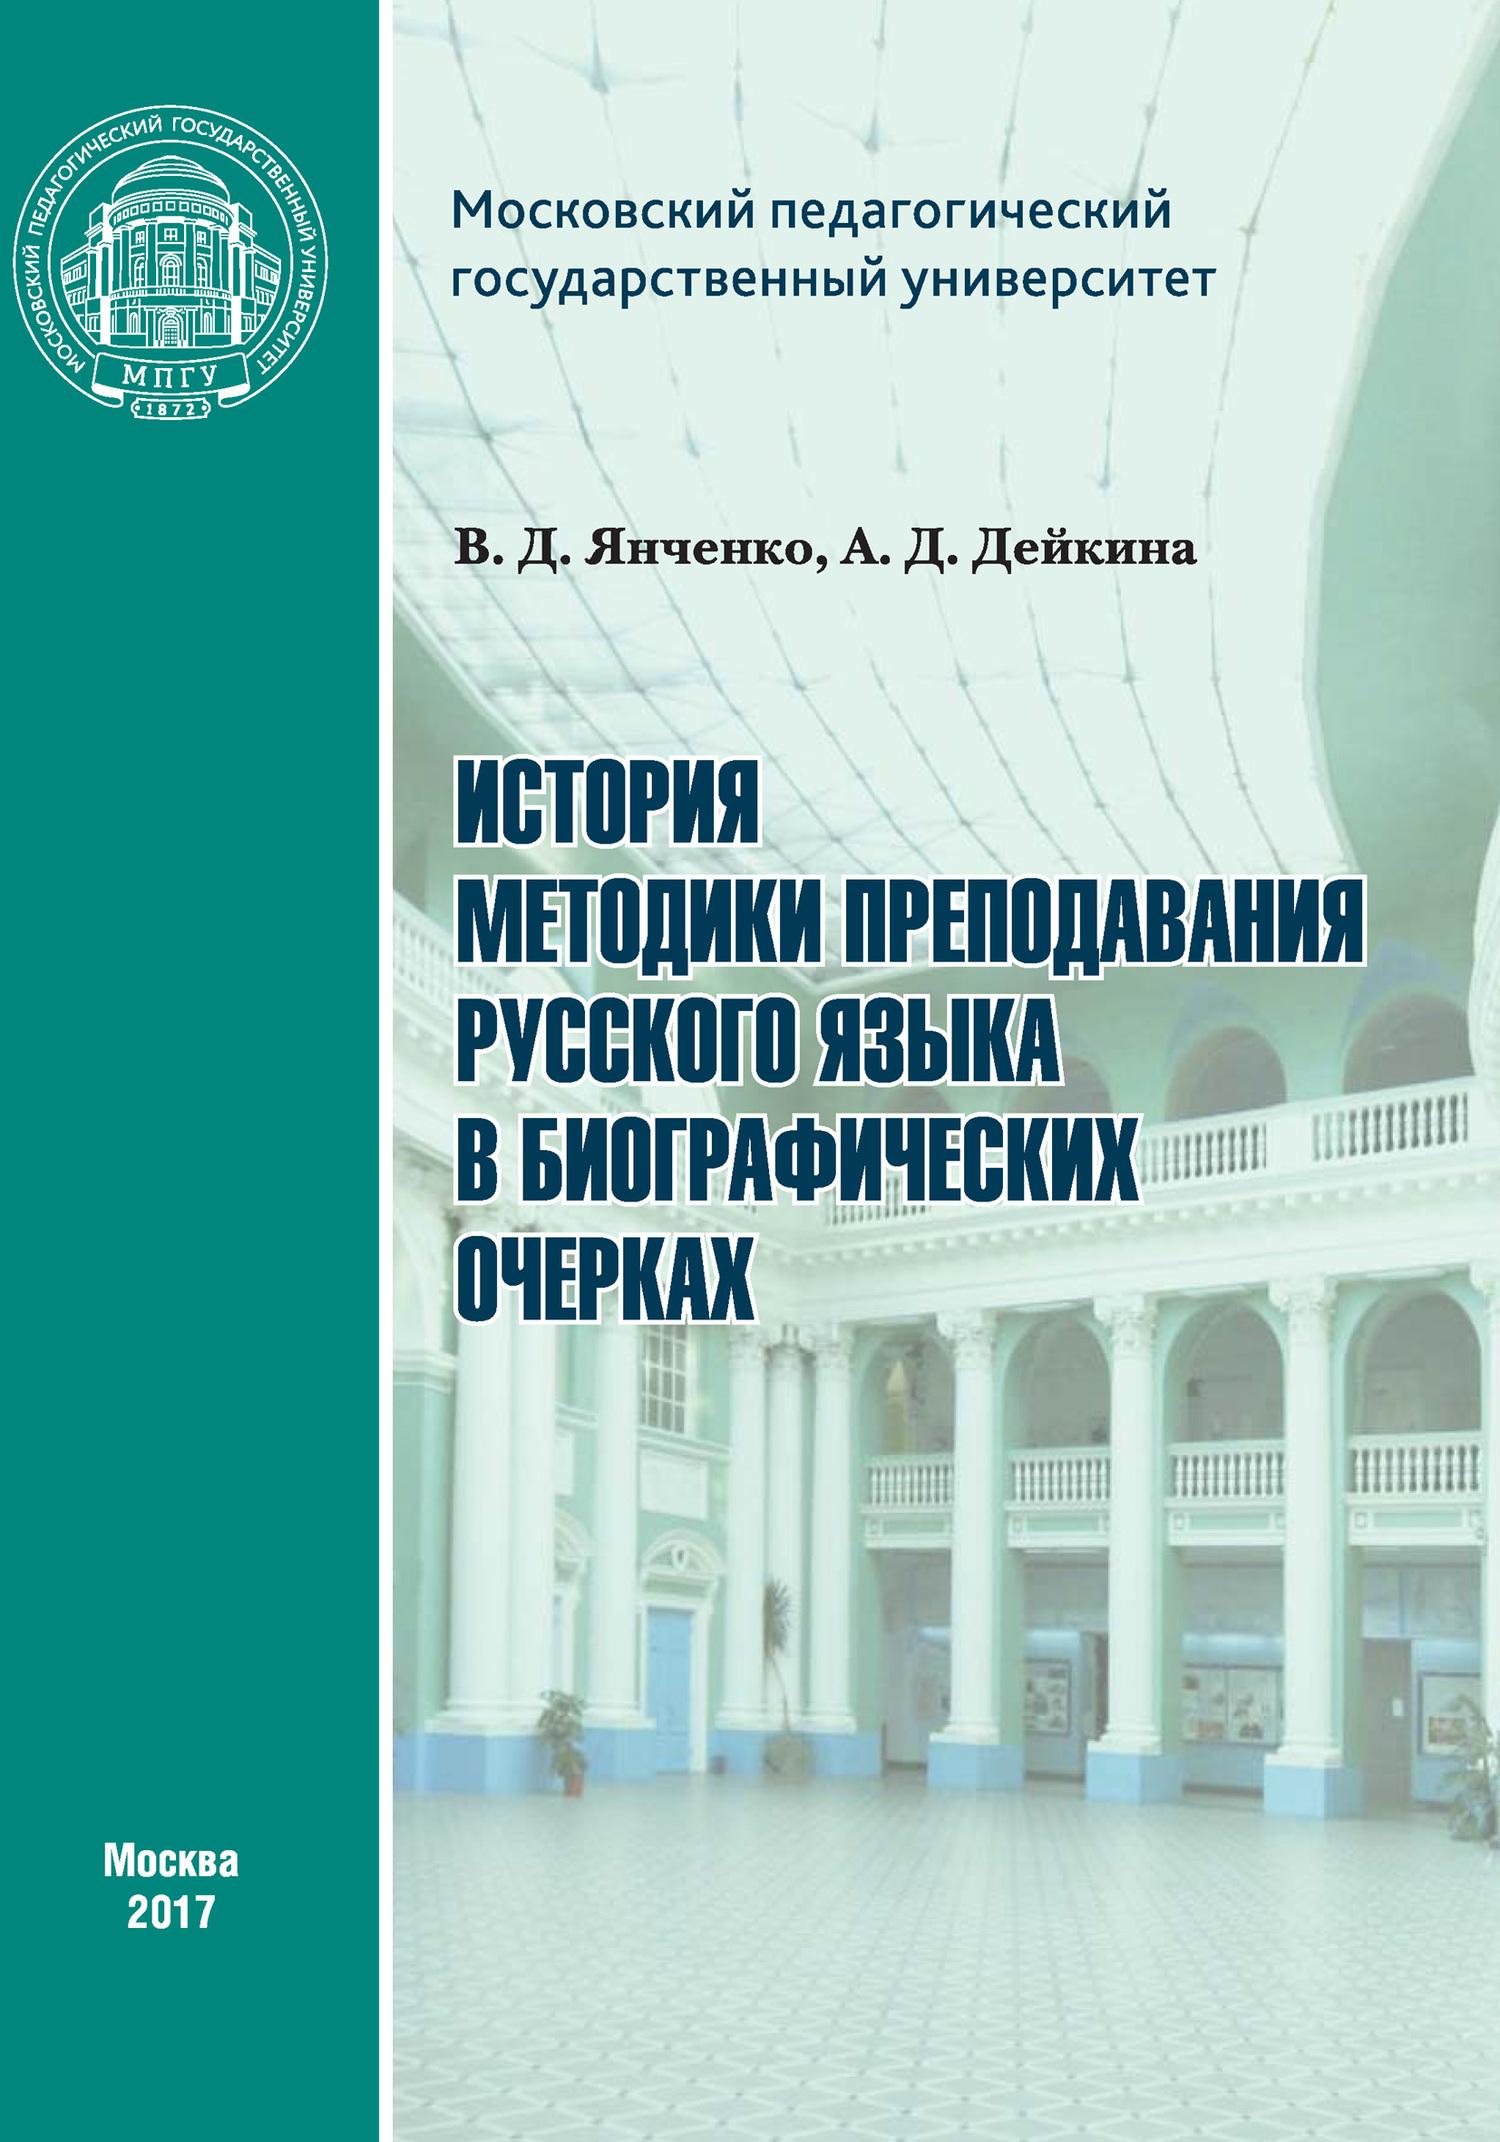 История методики преподавания русского языка в биографических очерках